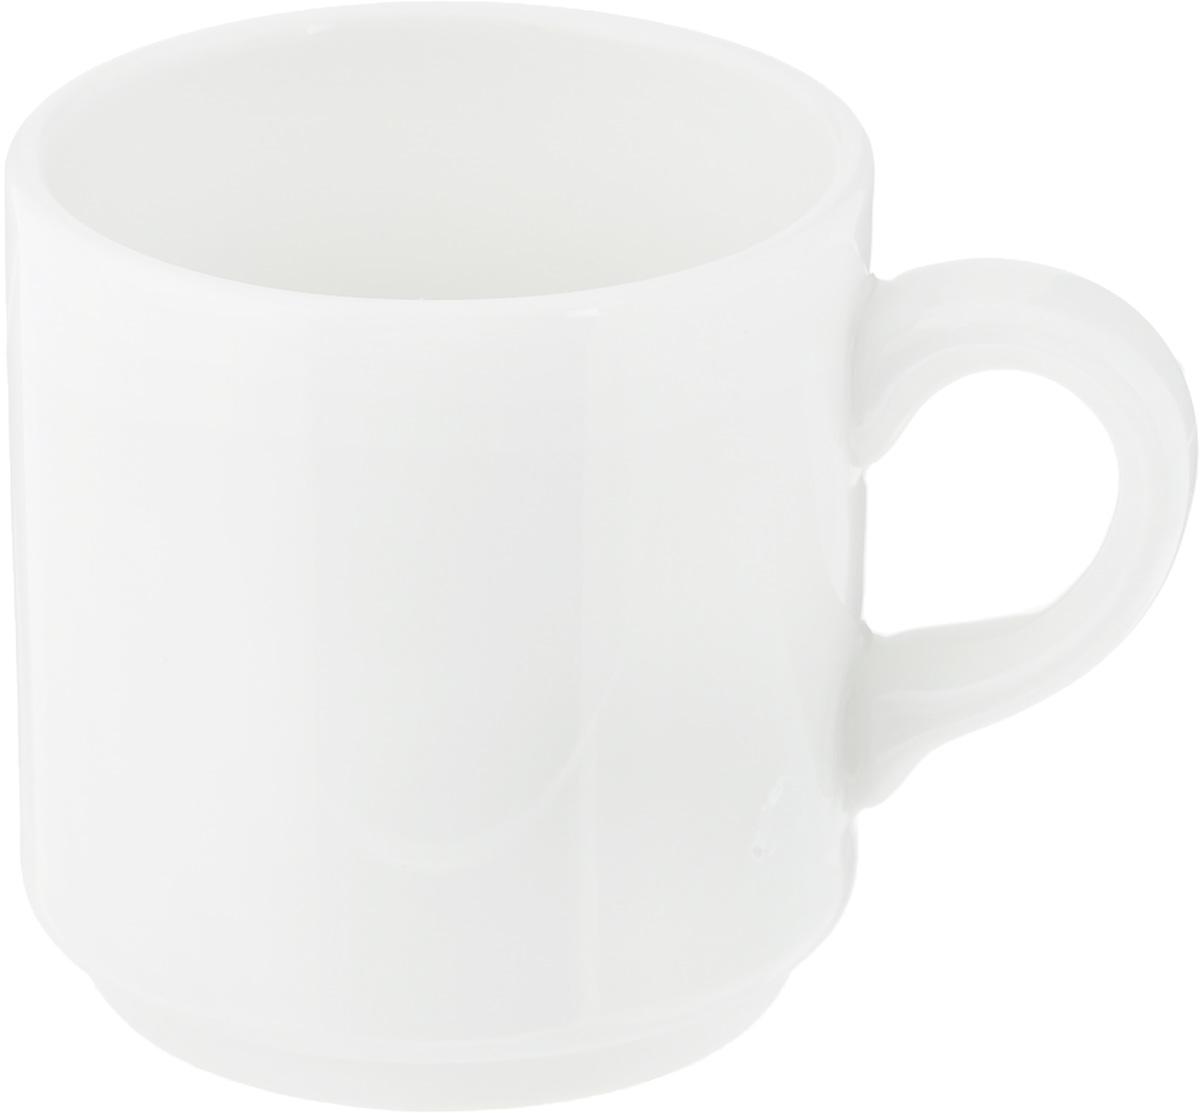 Чашка кофейная Ariane Прайм, 90 млAPRARN41009Чашка кофейная Ariane Прайм выполнена из высококачественного фарфора. Посуда из такого материала позволяет сохранить истинный вкус напитка, а также помогает ему дольше оставаться теплым. Белоснежность изделия дарит ощущение легкости и безмятежности. Диаметр чашки (по верхнему краю): 5,5 см. Высота чашки: 6 см. Объем чашки: 90 мл.